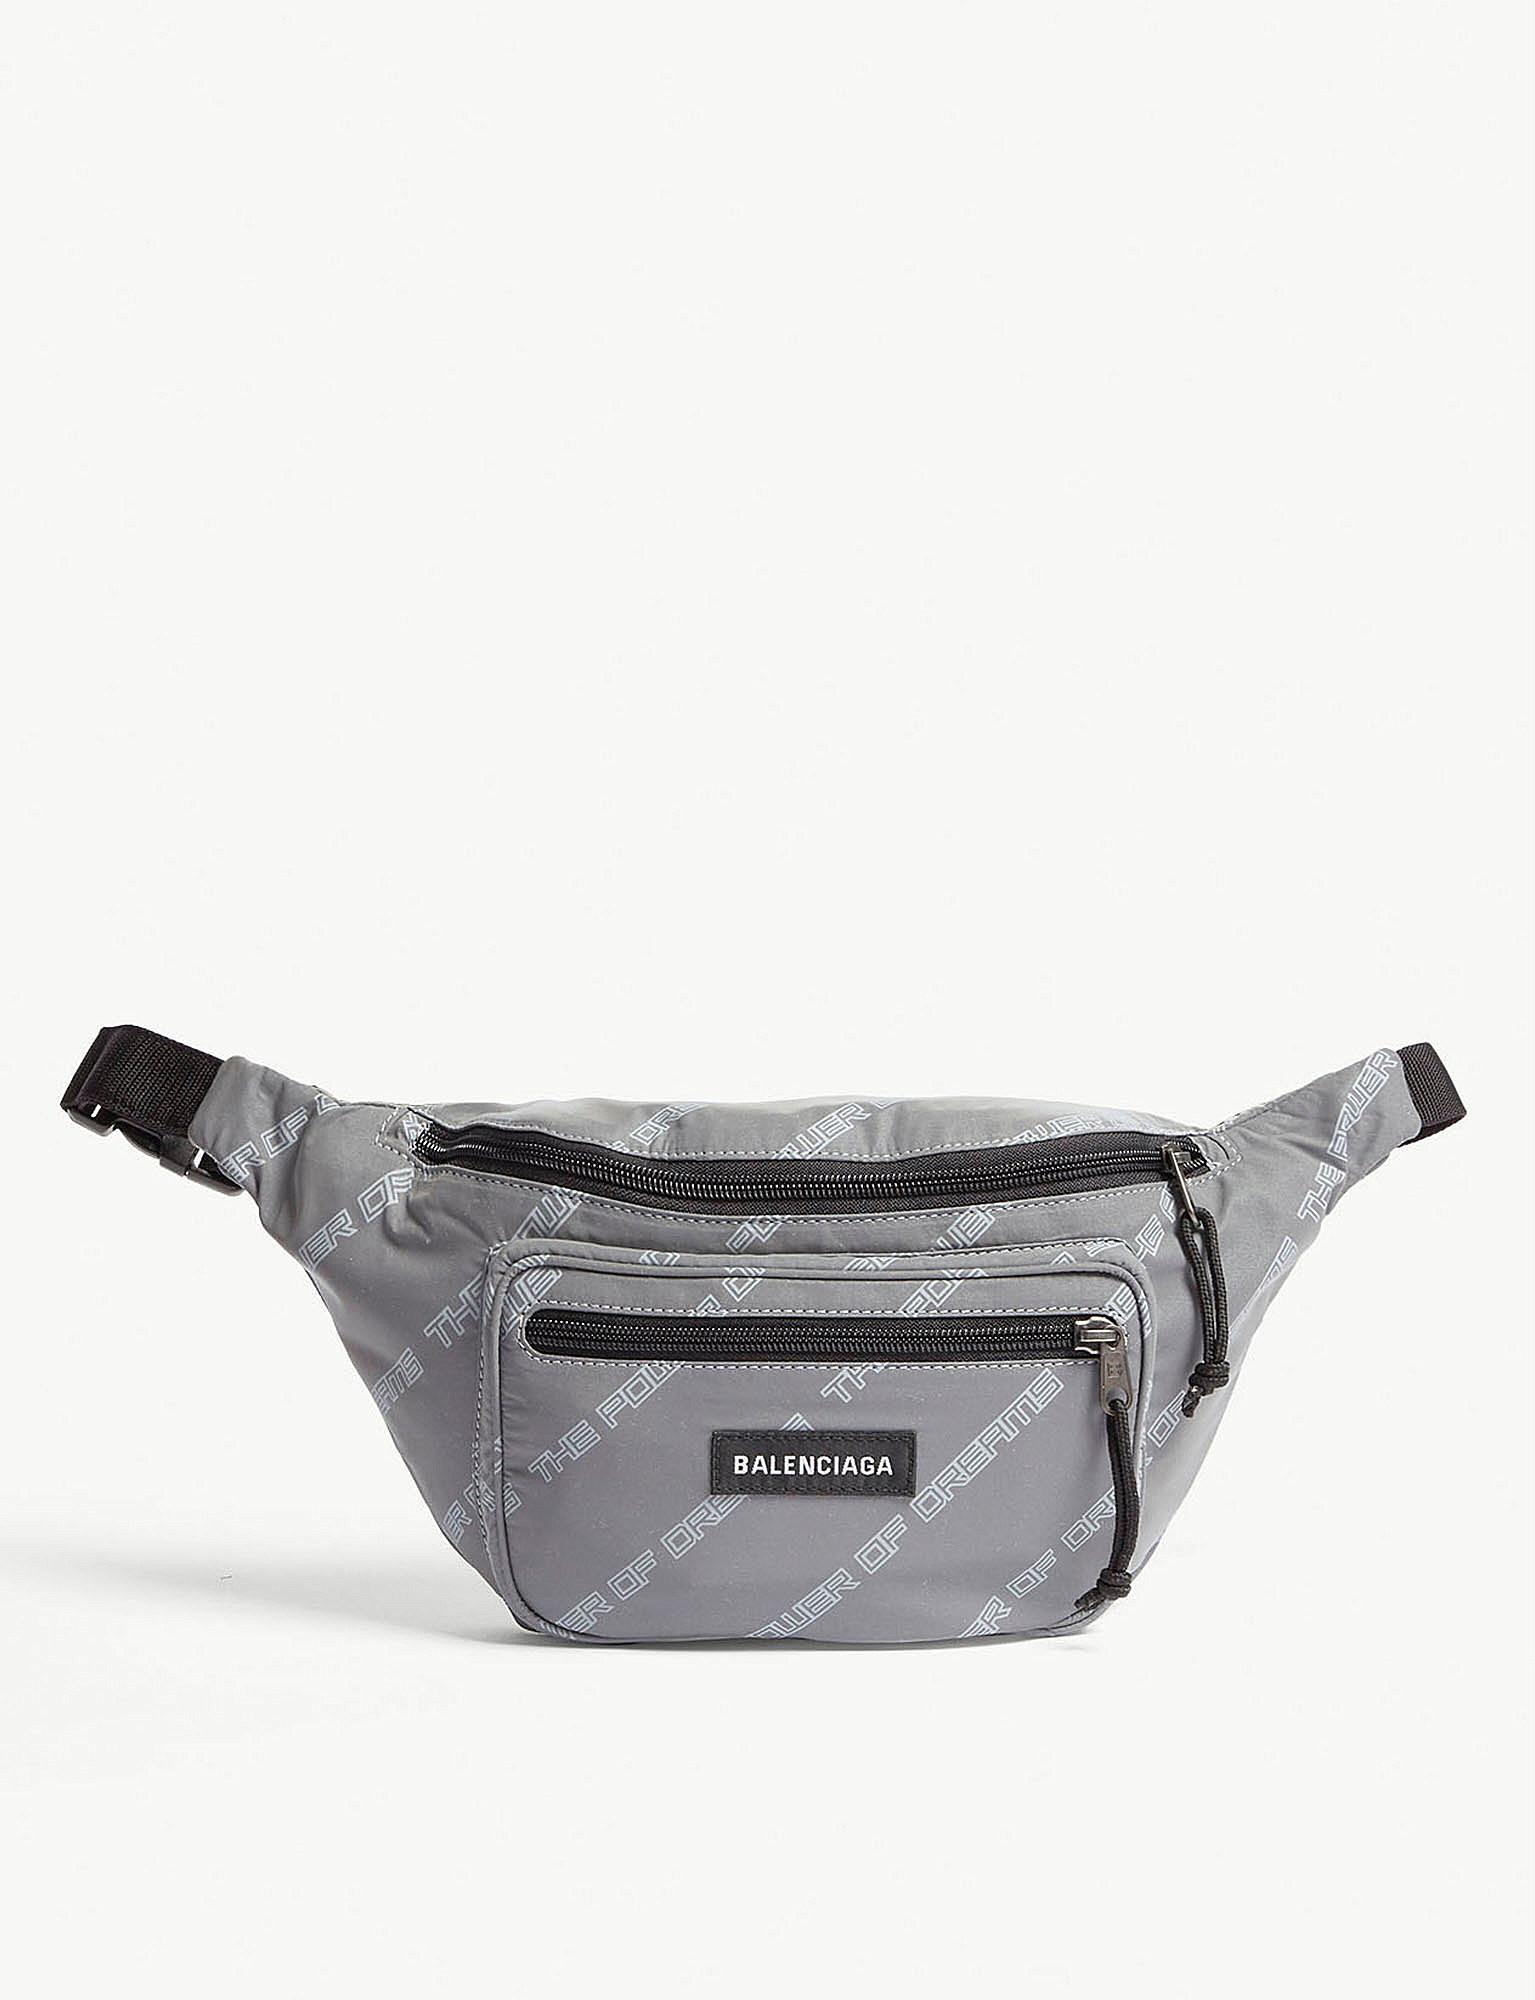 balenciaga reflective grey